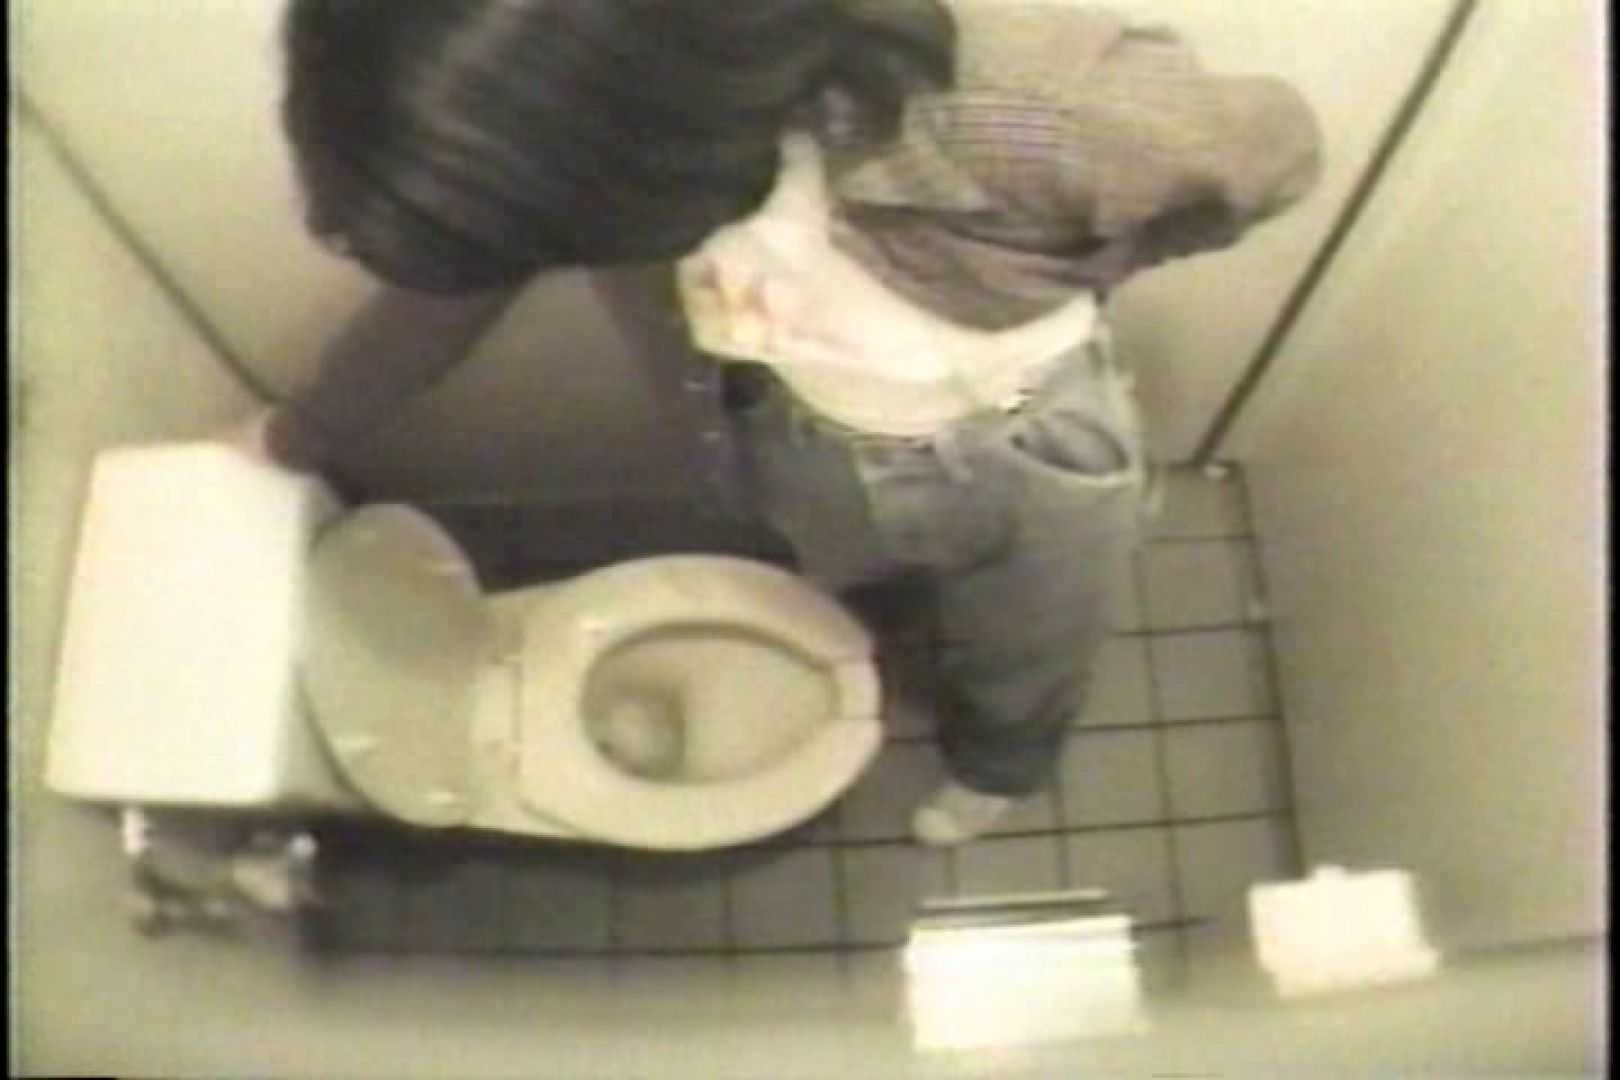 盗撮 女子洗面所3ヶ所入ってしゃがんで音出して 洗面所 盗み撮りAV無料動画キャプチャ 67pic 7